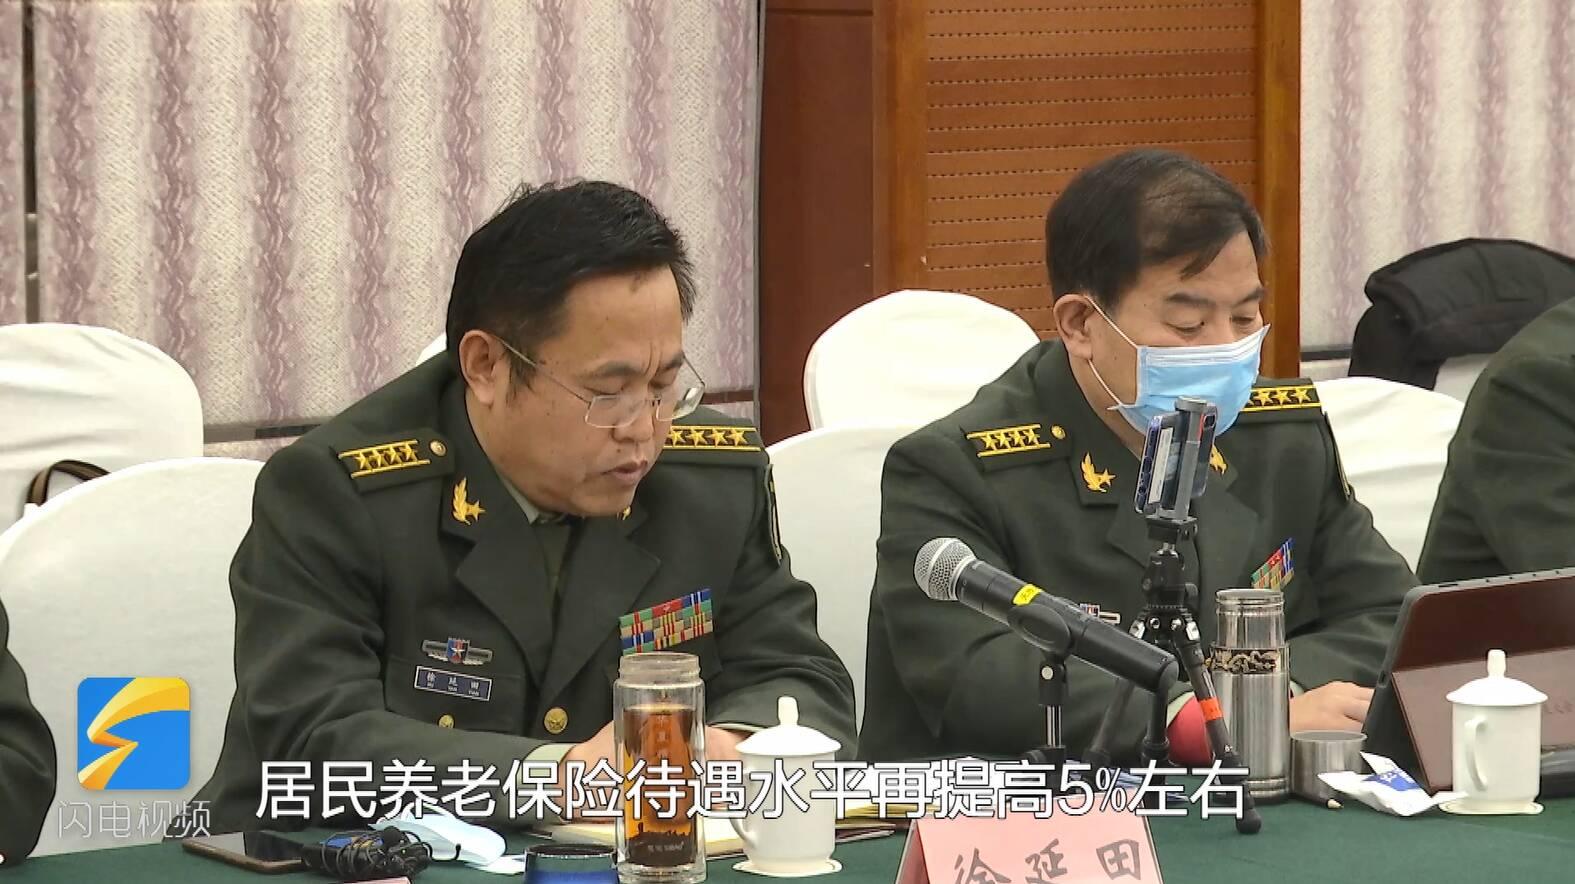 聚焦2021山东两会|省人大代表徐延田:民生改善,体现在实实在在的惠民工程中